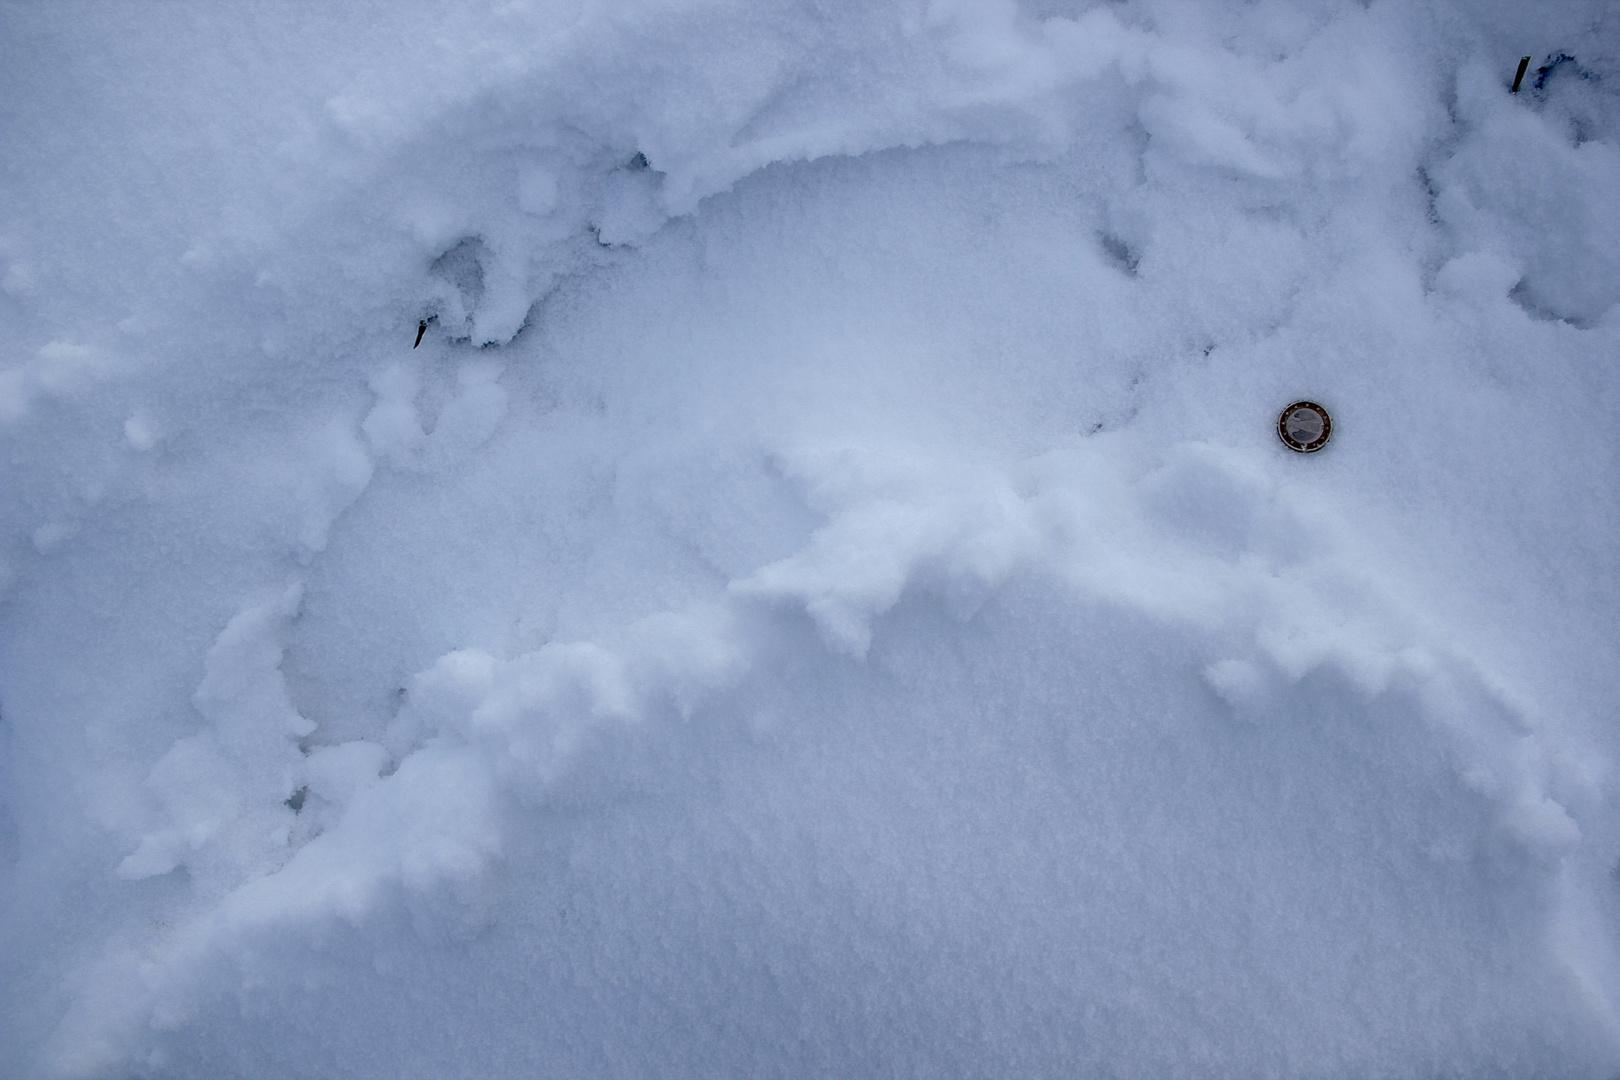 (III) Abdruck der Kelle eines ausgewachsenen Bibers im Schnee